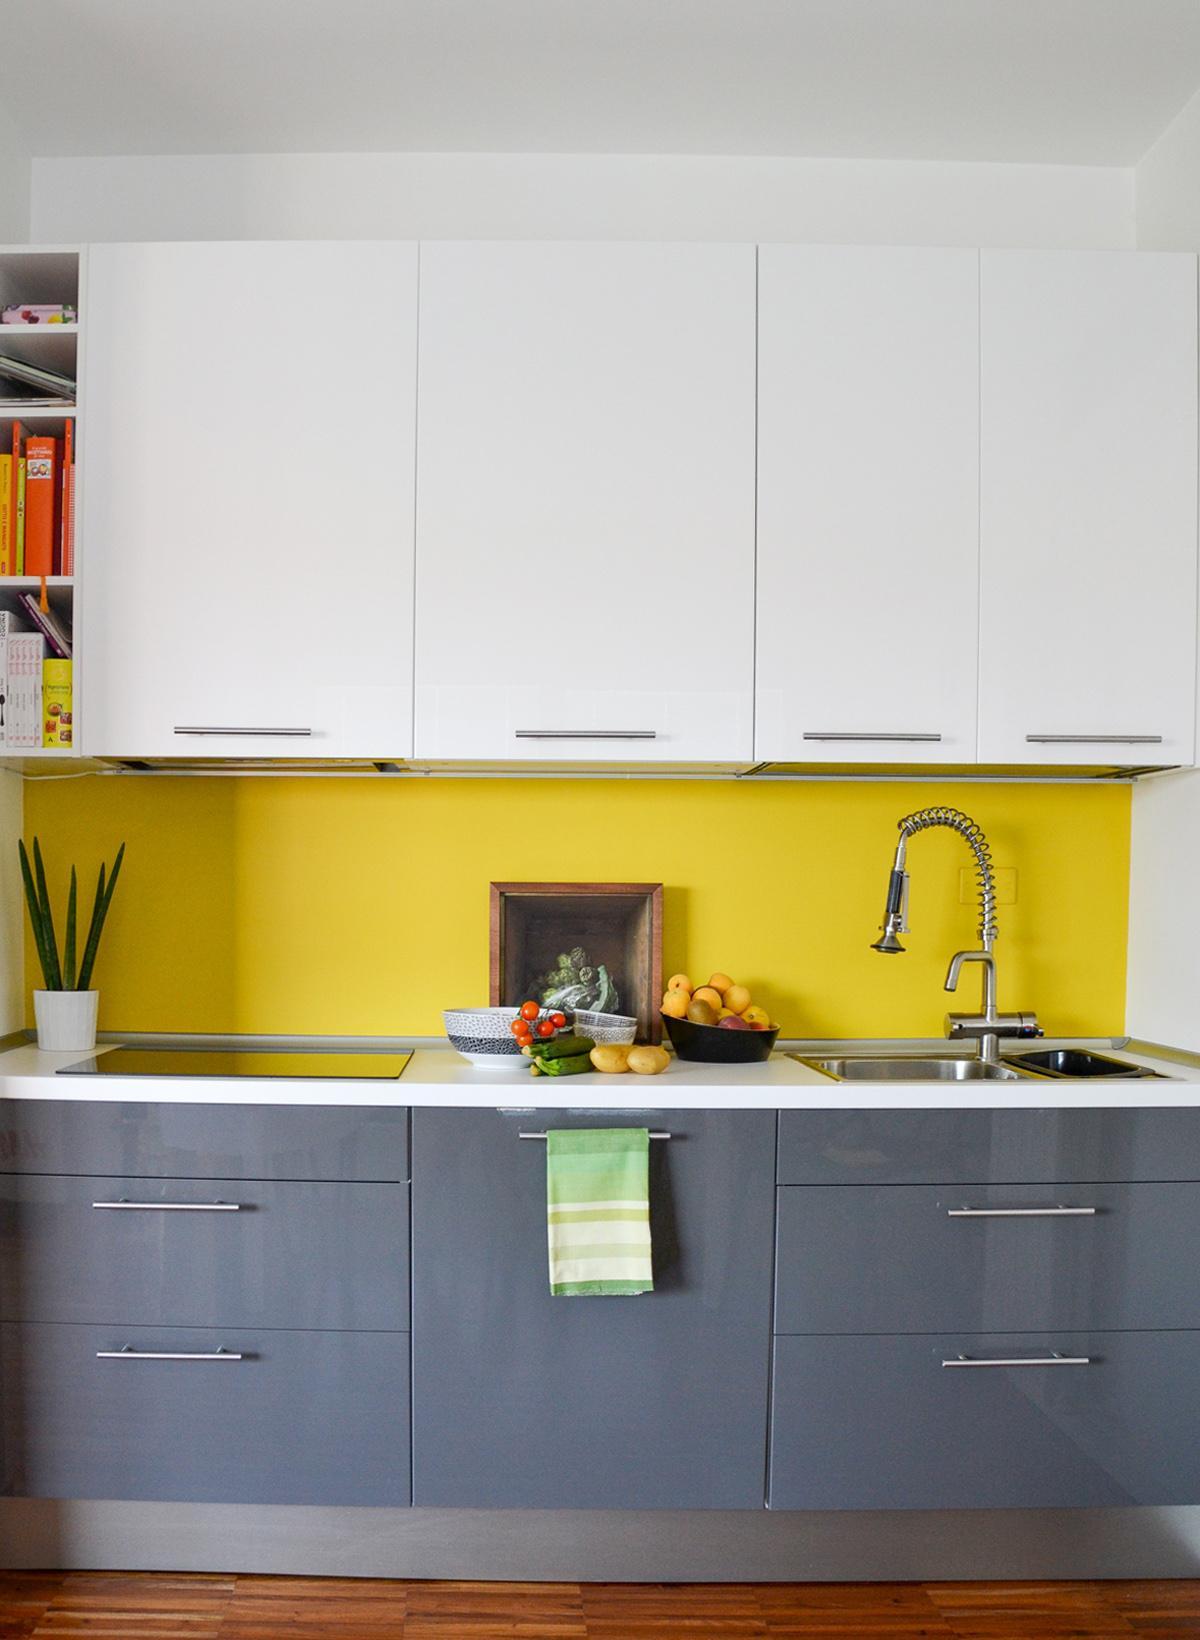 Top Cucina Ikea Prezzi cambiamo stile alla cucina: iniziamo dalle maniglie